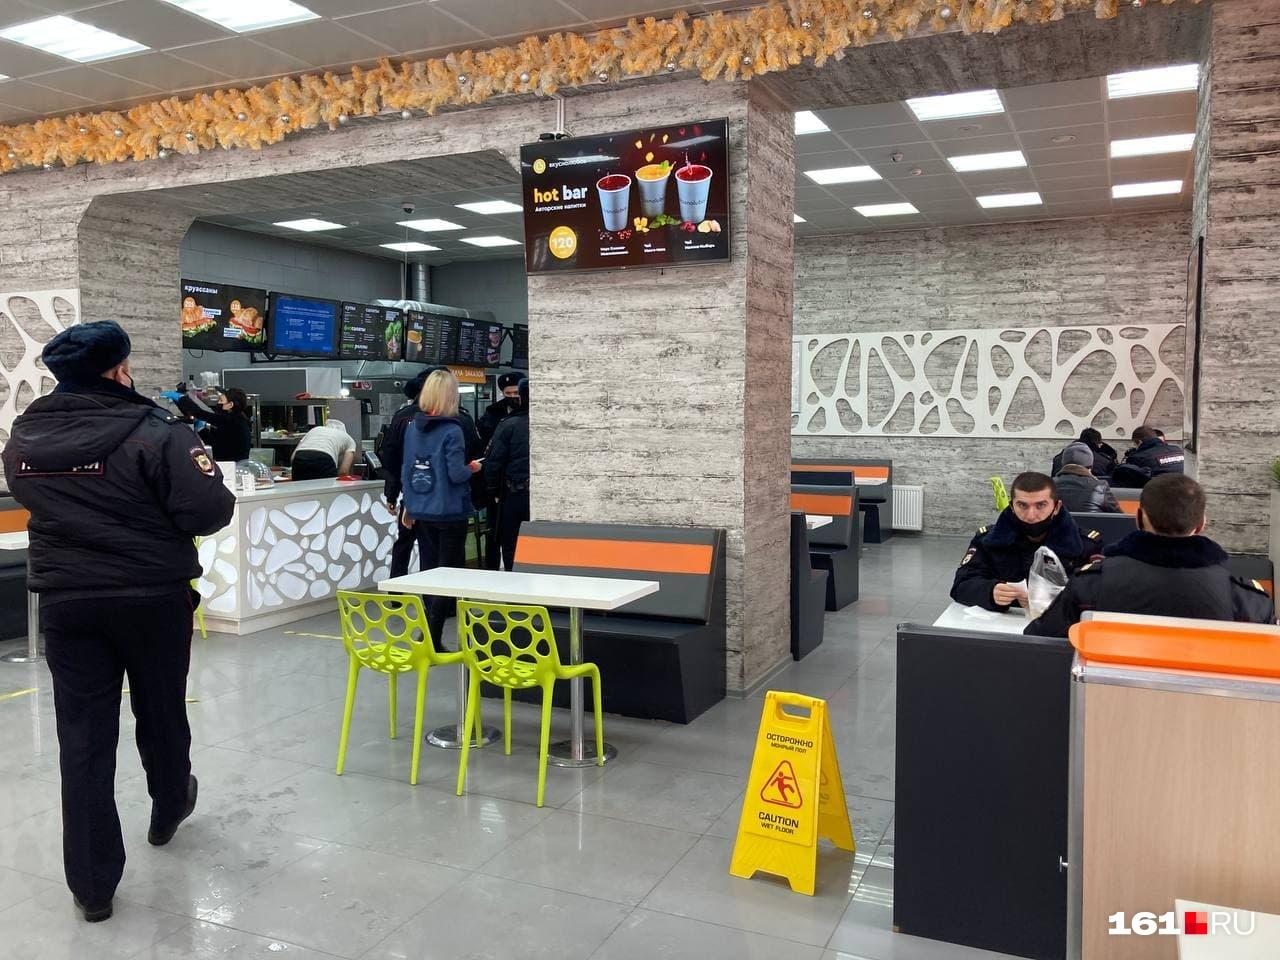 Полицейские греются и завтракают в ожидании протестующих